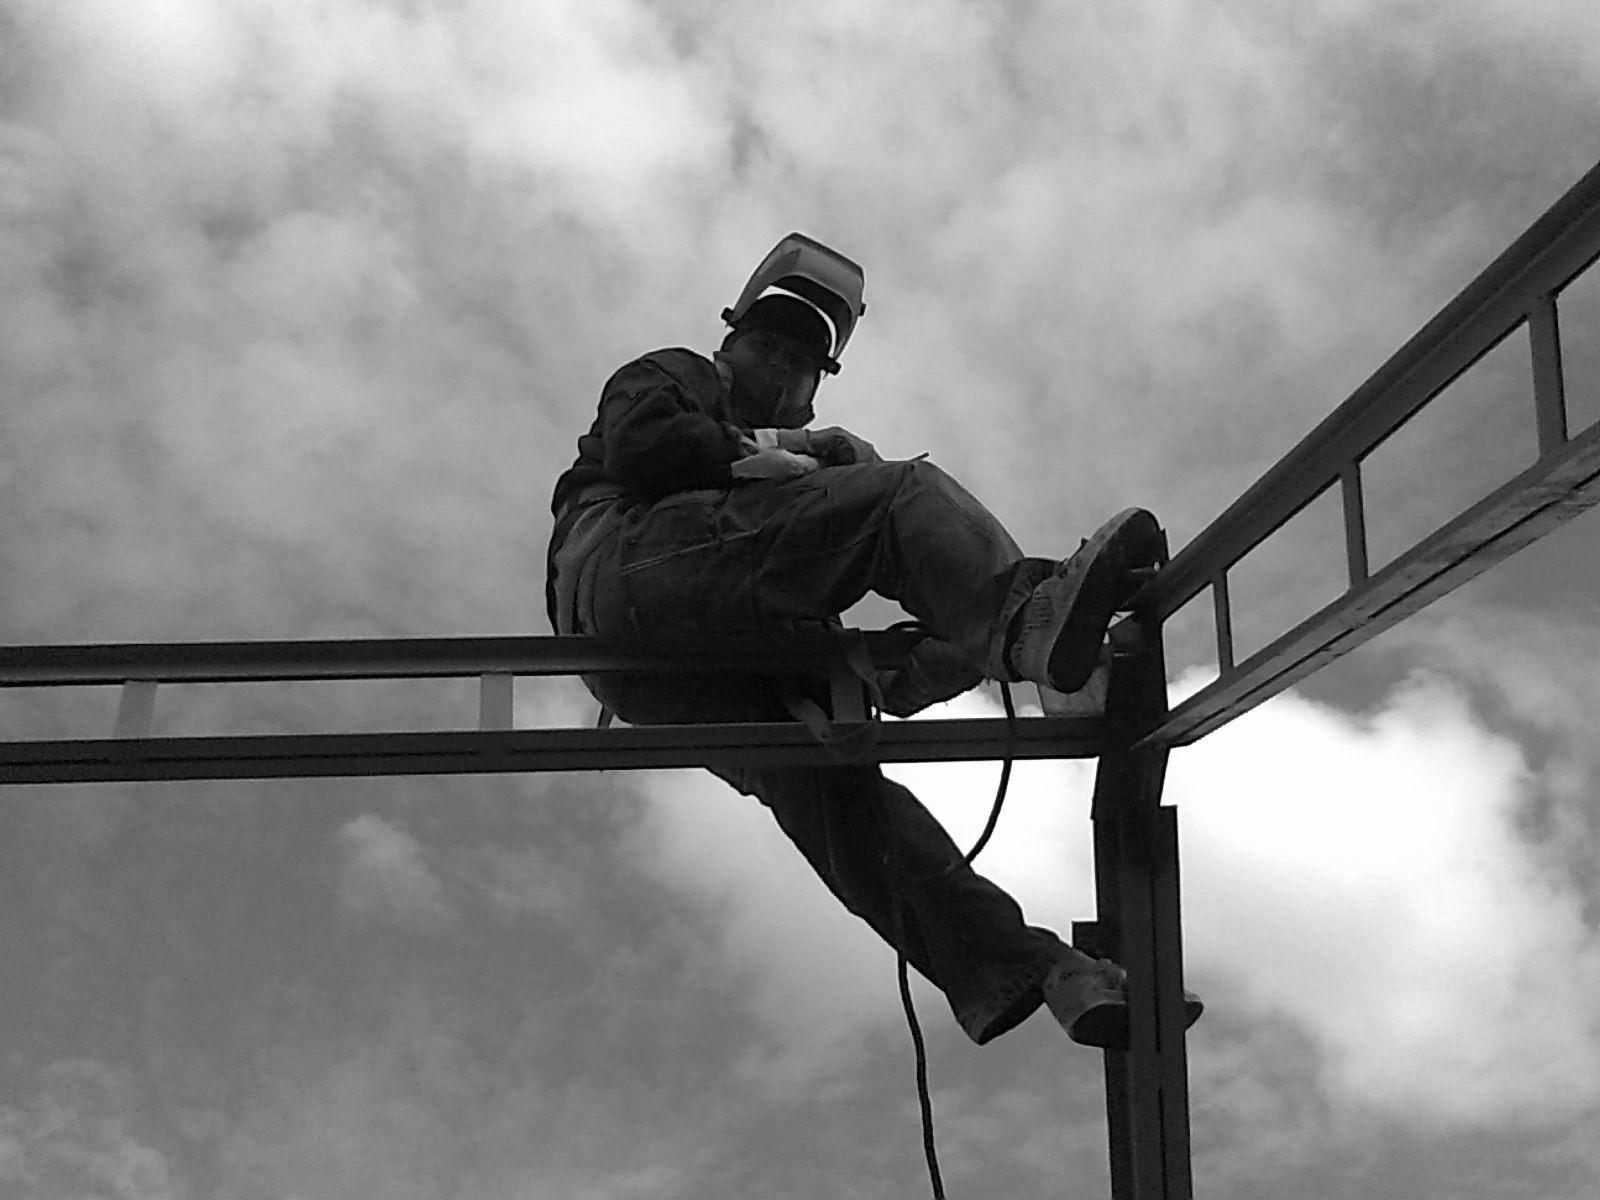 Строительство и реконструкция ЗАВ